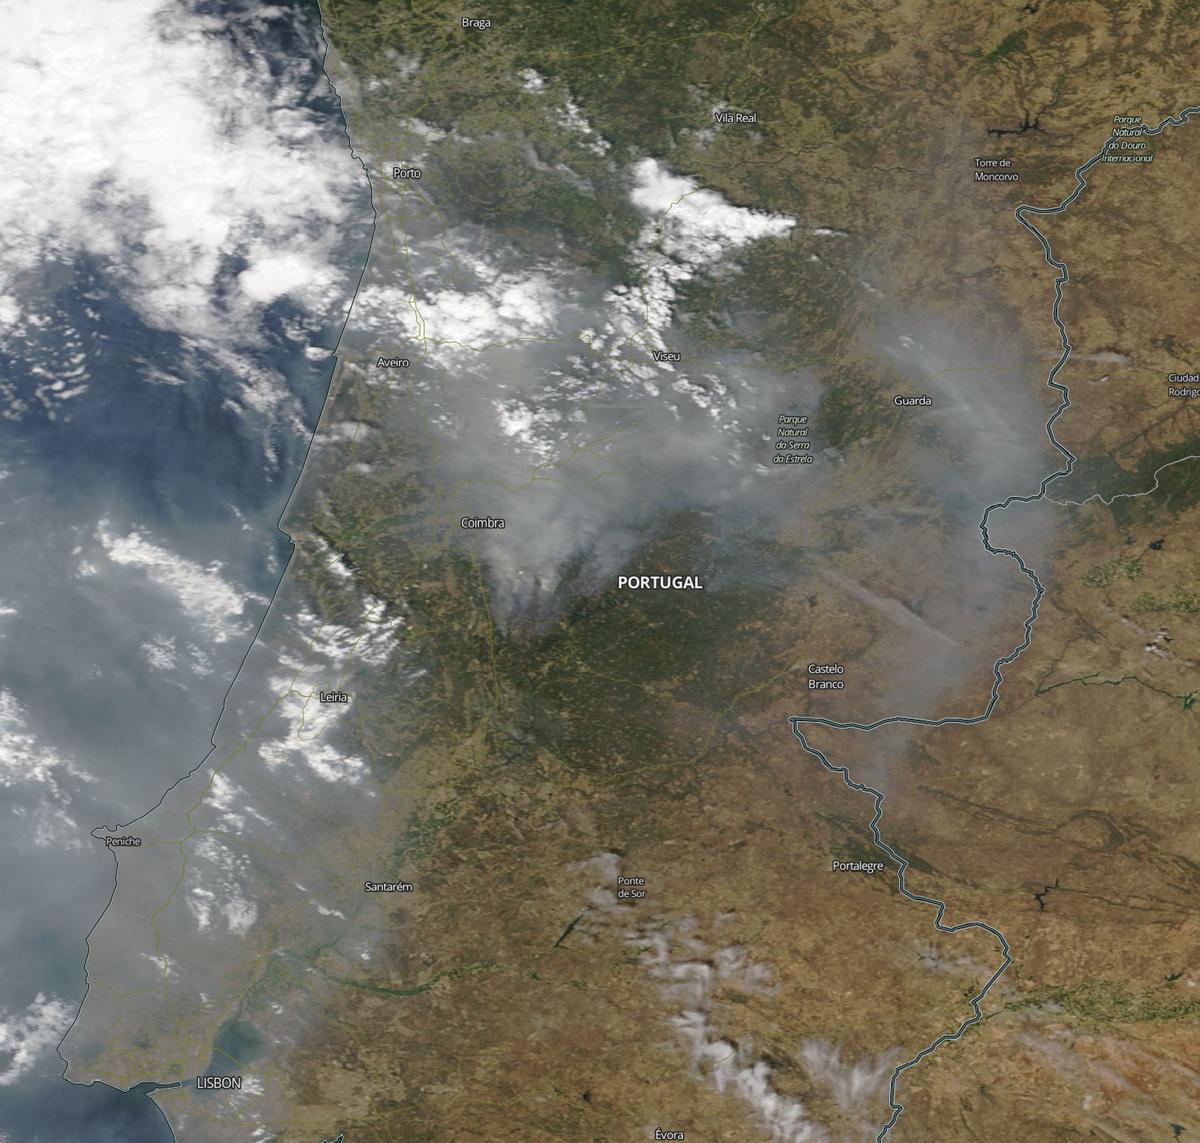 Waldbrände Portugal Karte.Waldbrände In Portugal 2017 Wikipedia